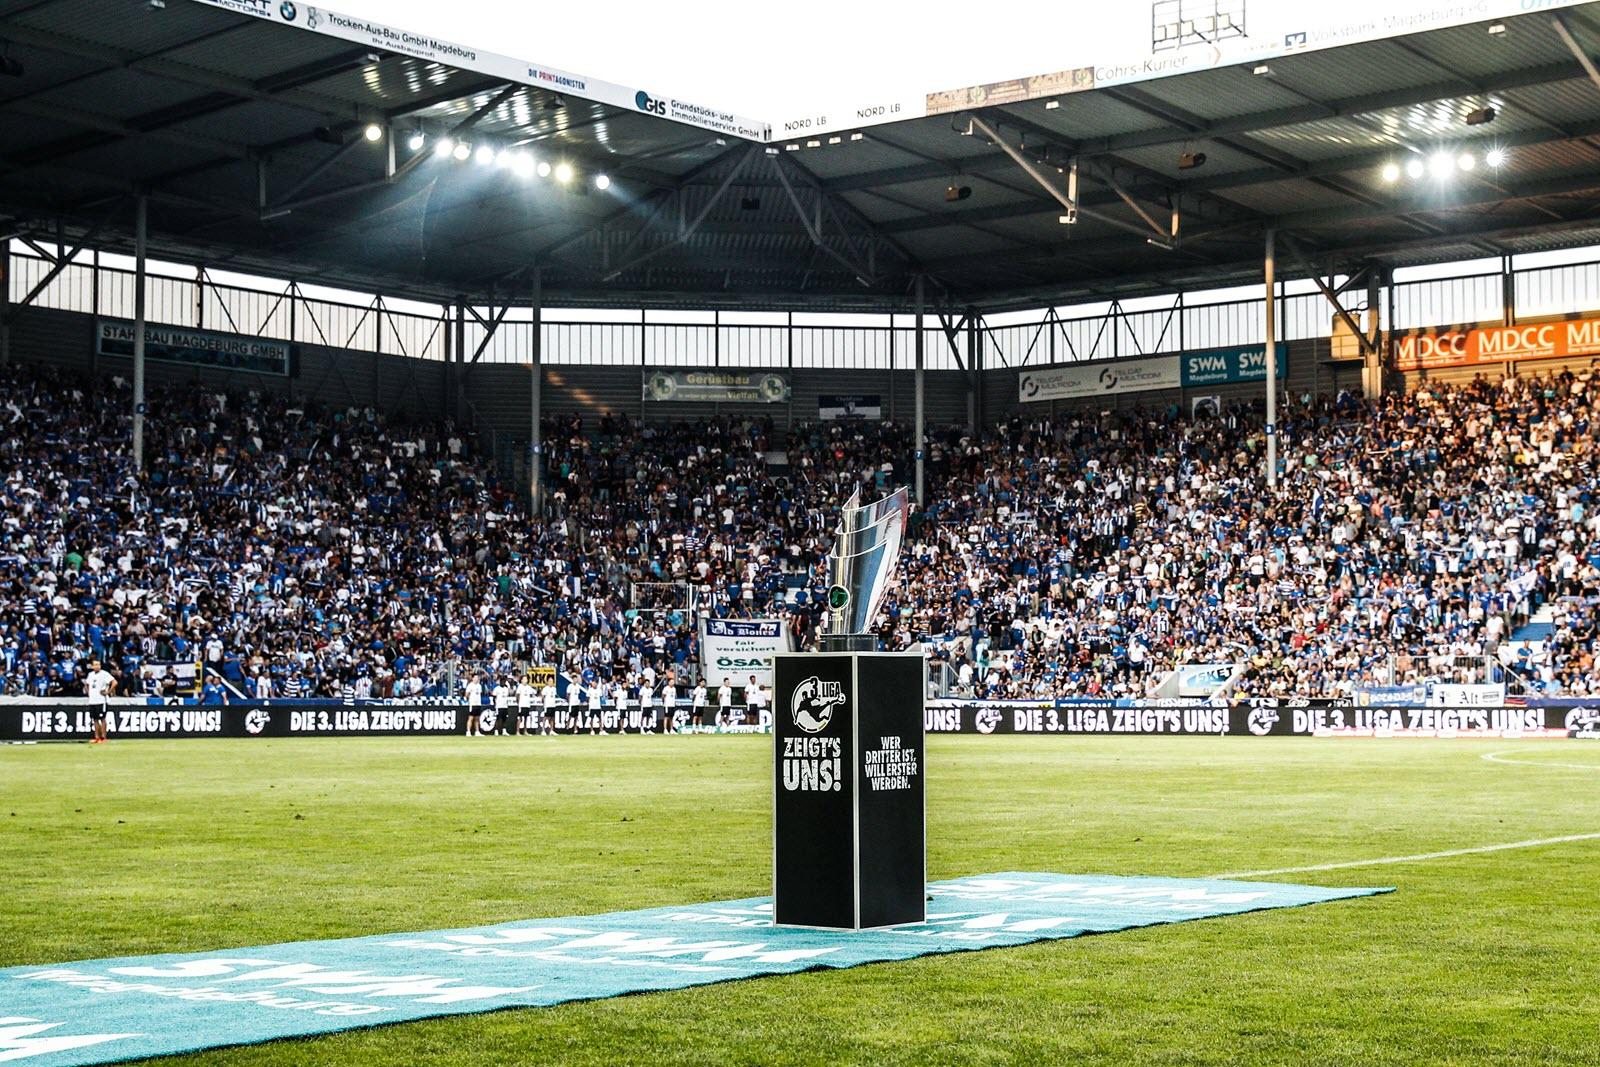 Der Pokal für den Drittliga-Meister. Gibt es künftig noch zwei weitere Aufsteiger?